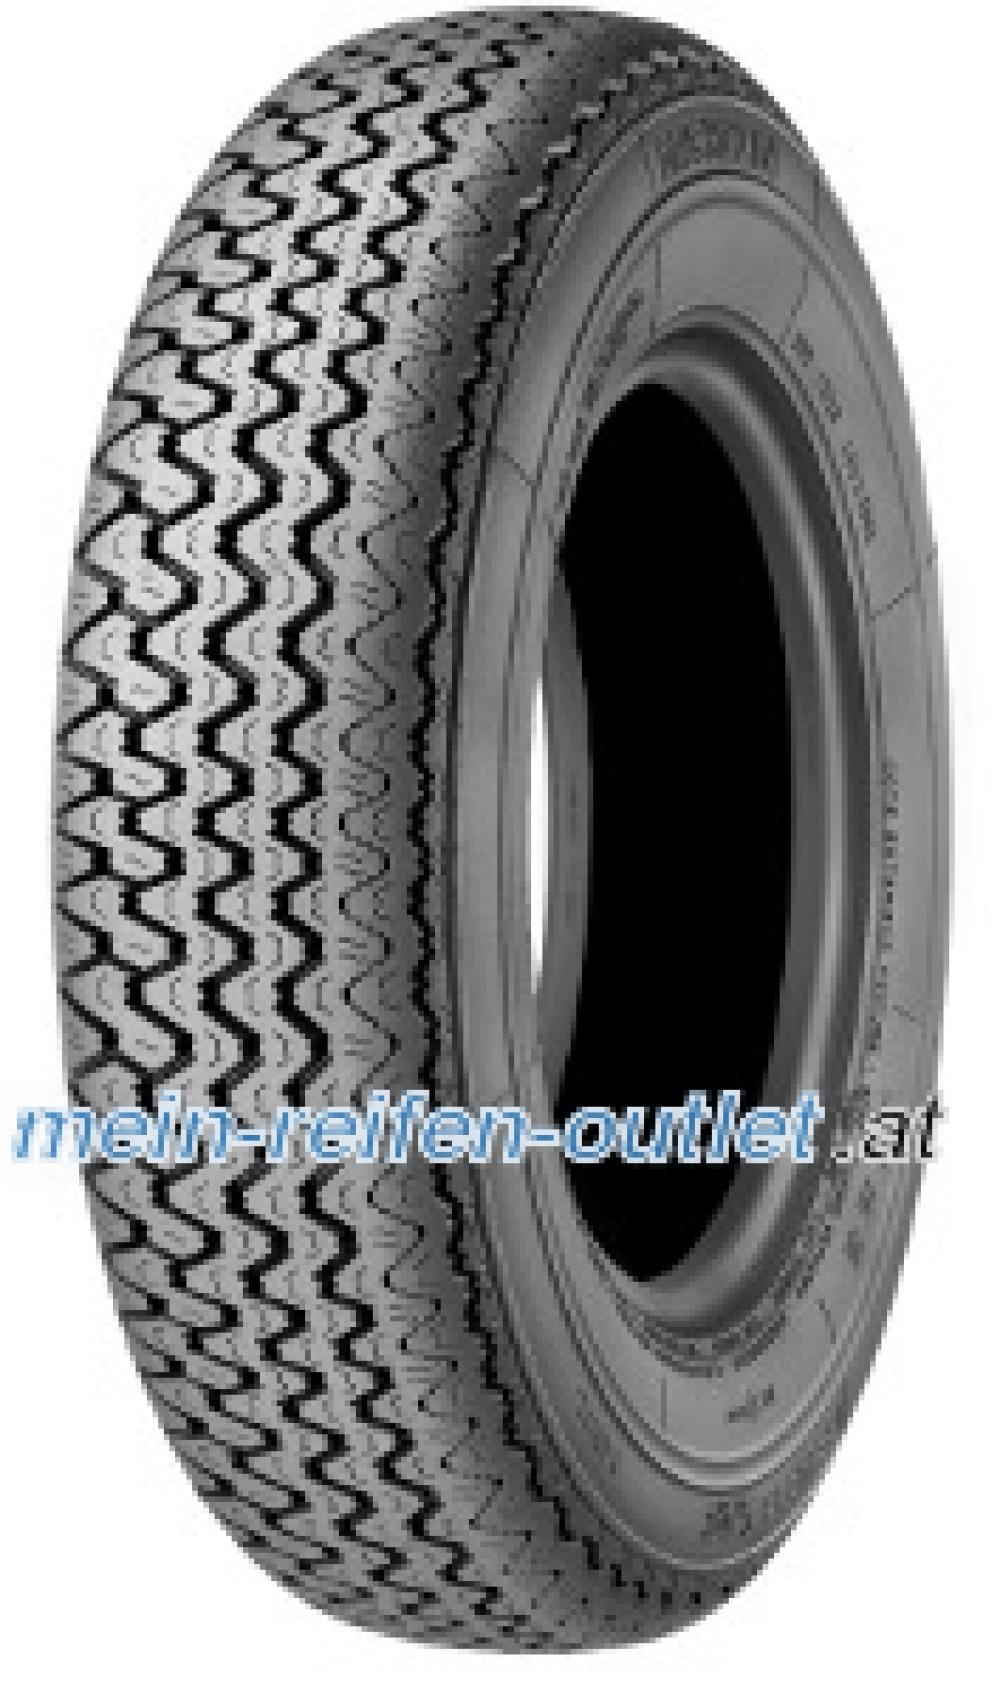 Michelin XAS ( 165/80 R15 86H WW )